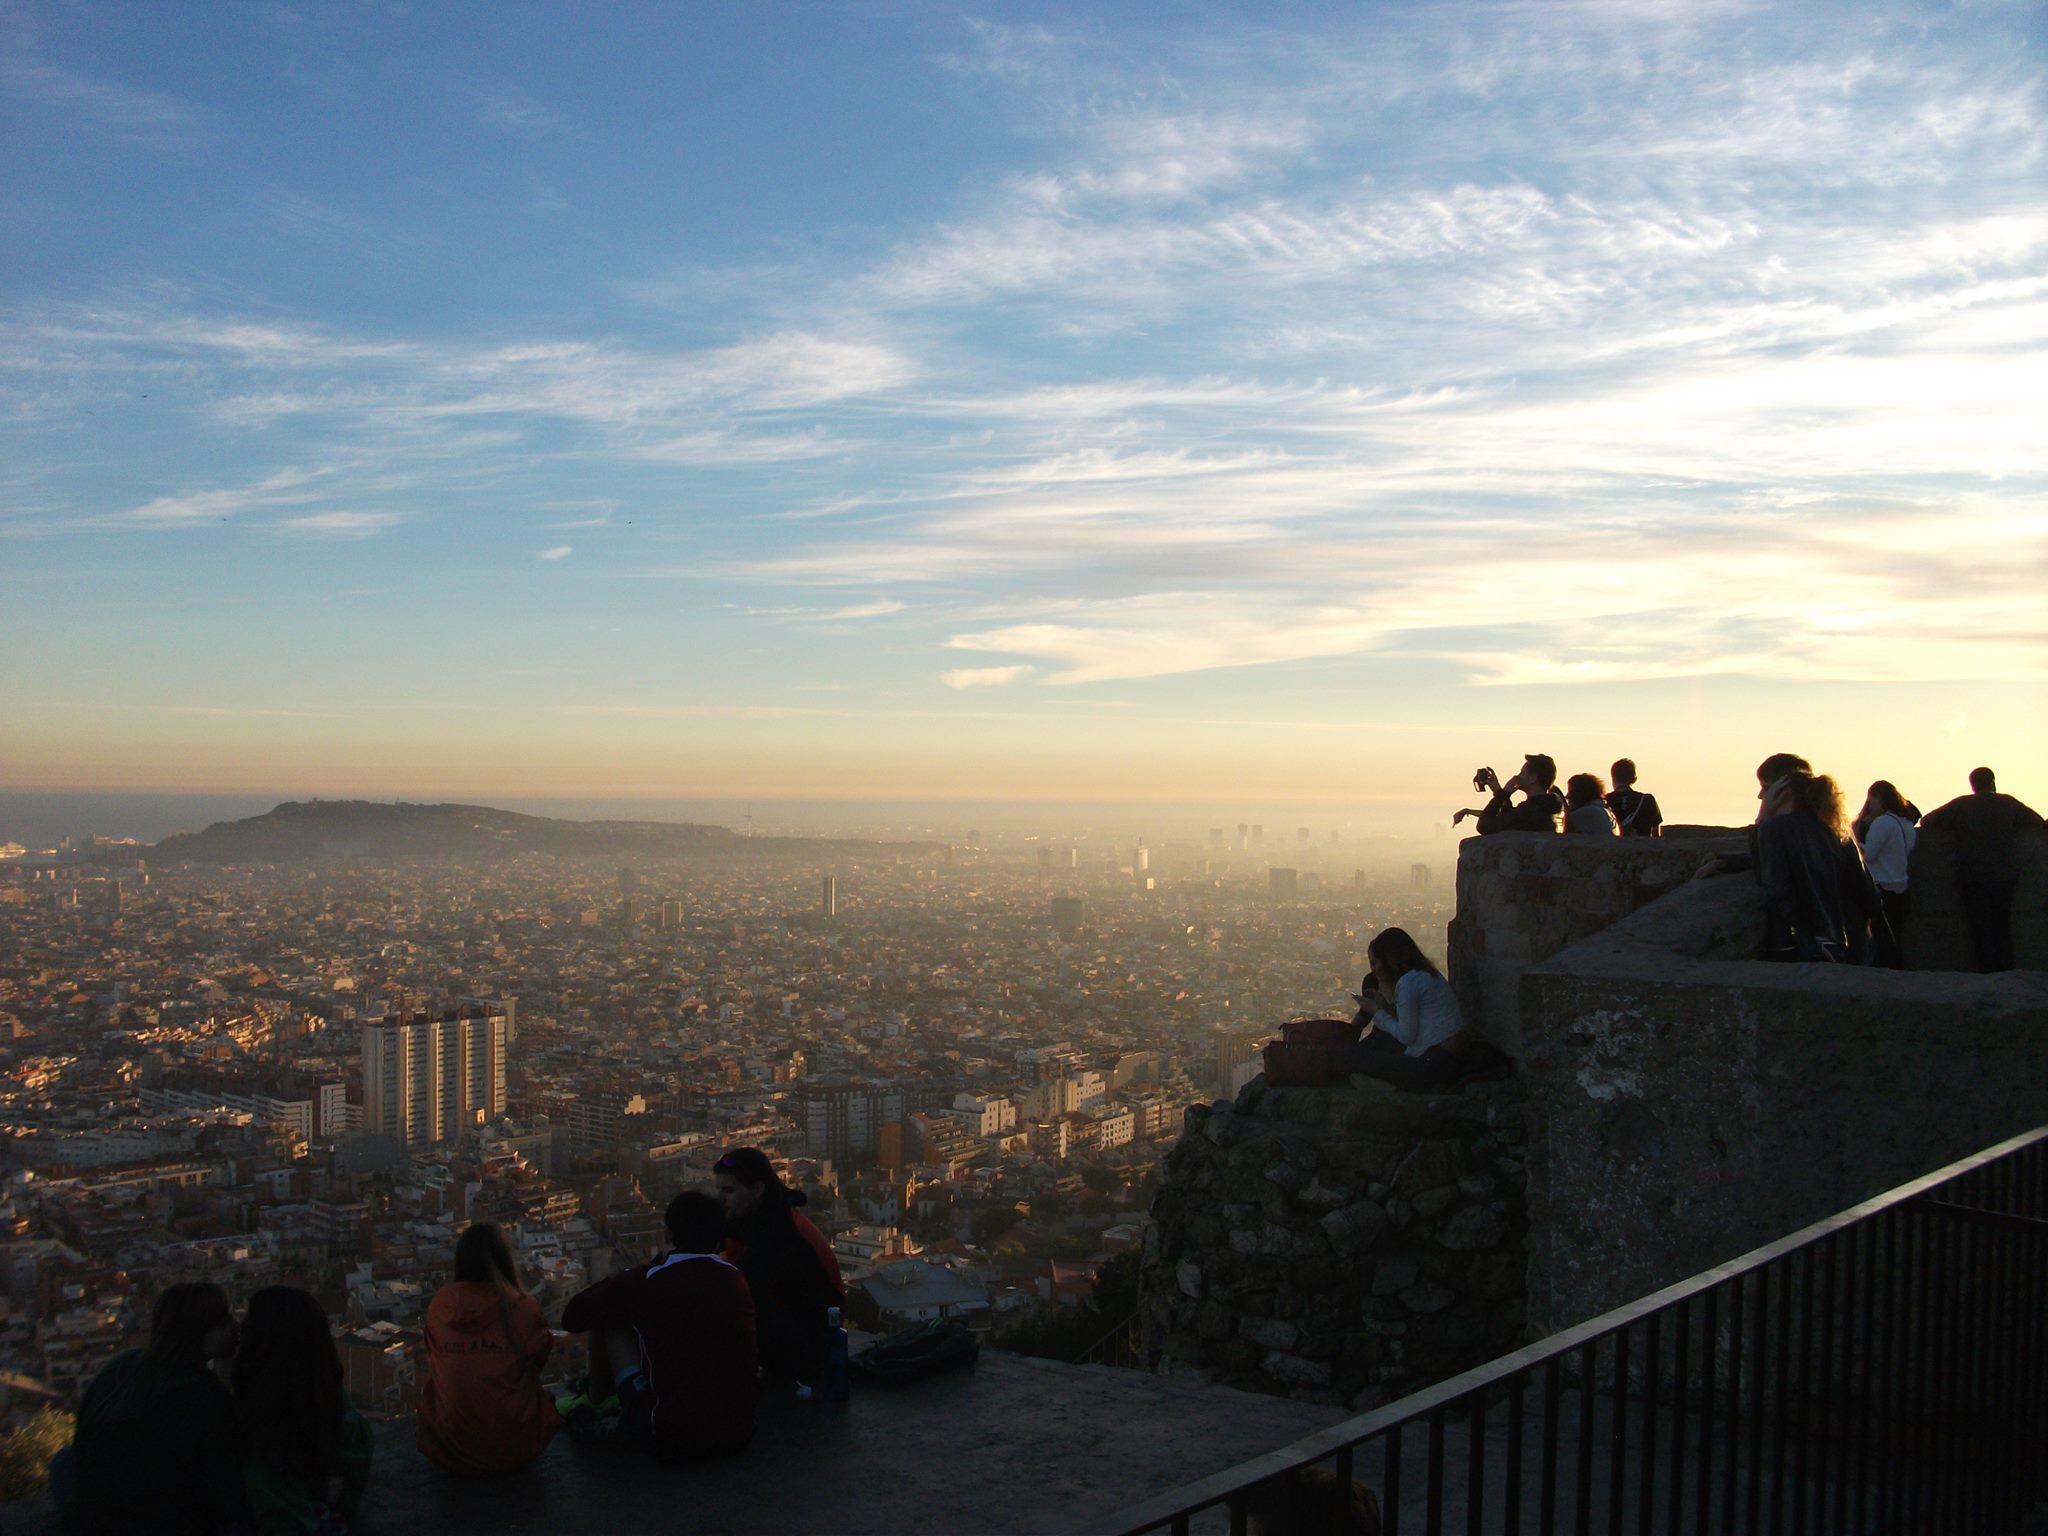 Eine Aussicht über eine Stadt von einem Berg aus